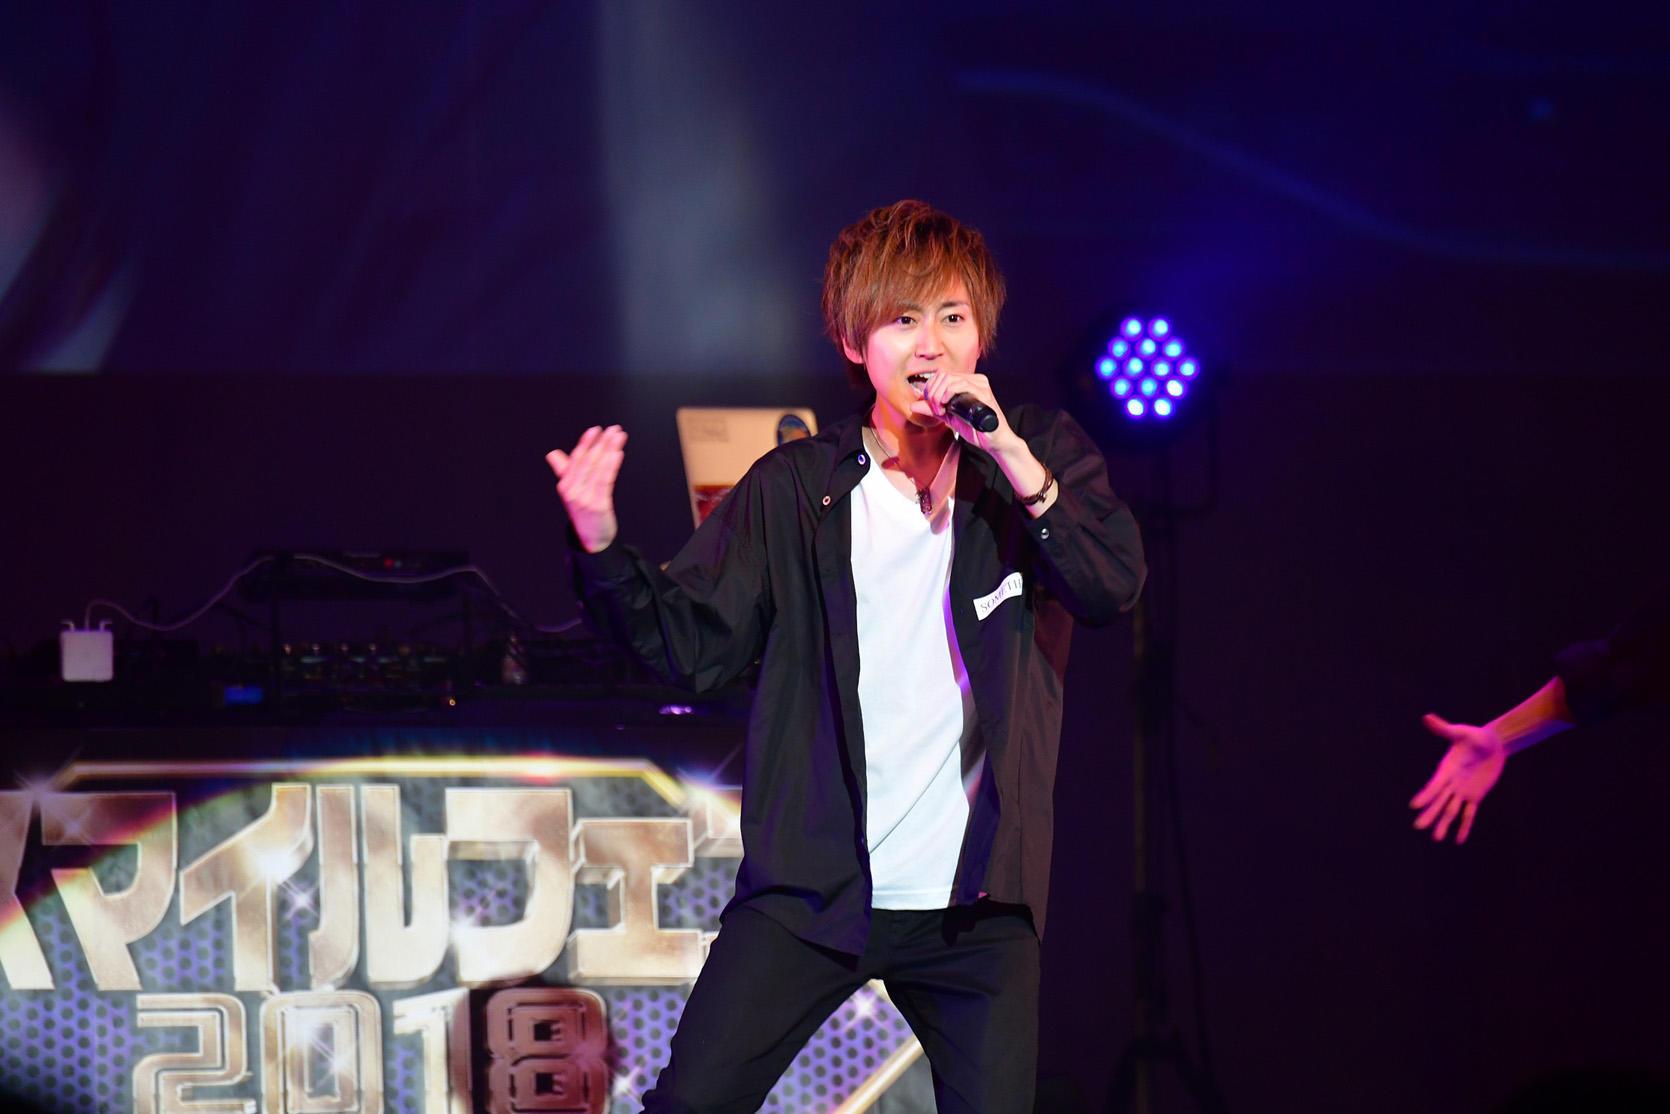 http://news.yoshimoto.co.jp/20181201025229-b2a8ae2cd216f3299168b1b2a698b0c3f03dd61c.jpg